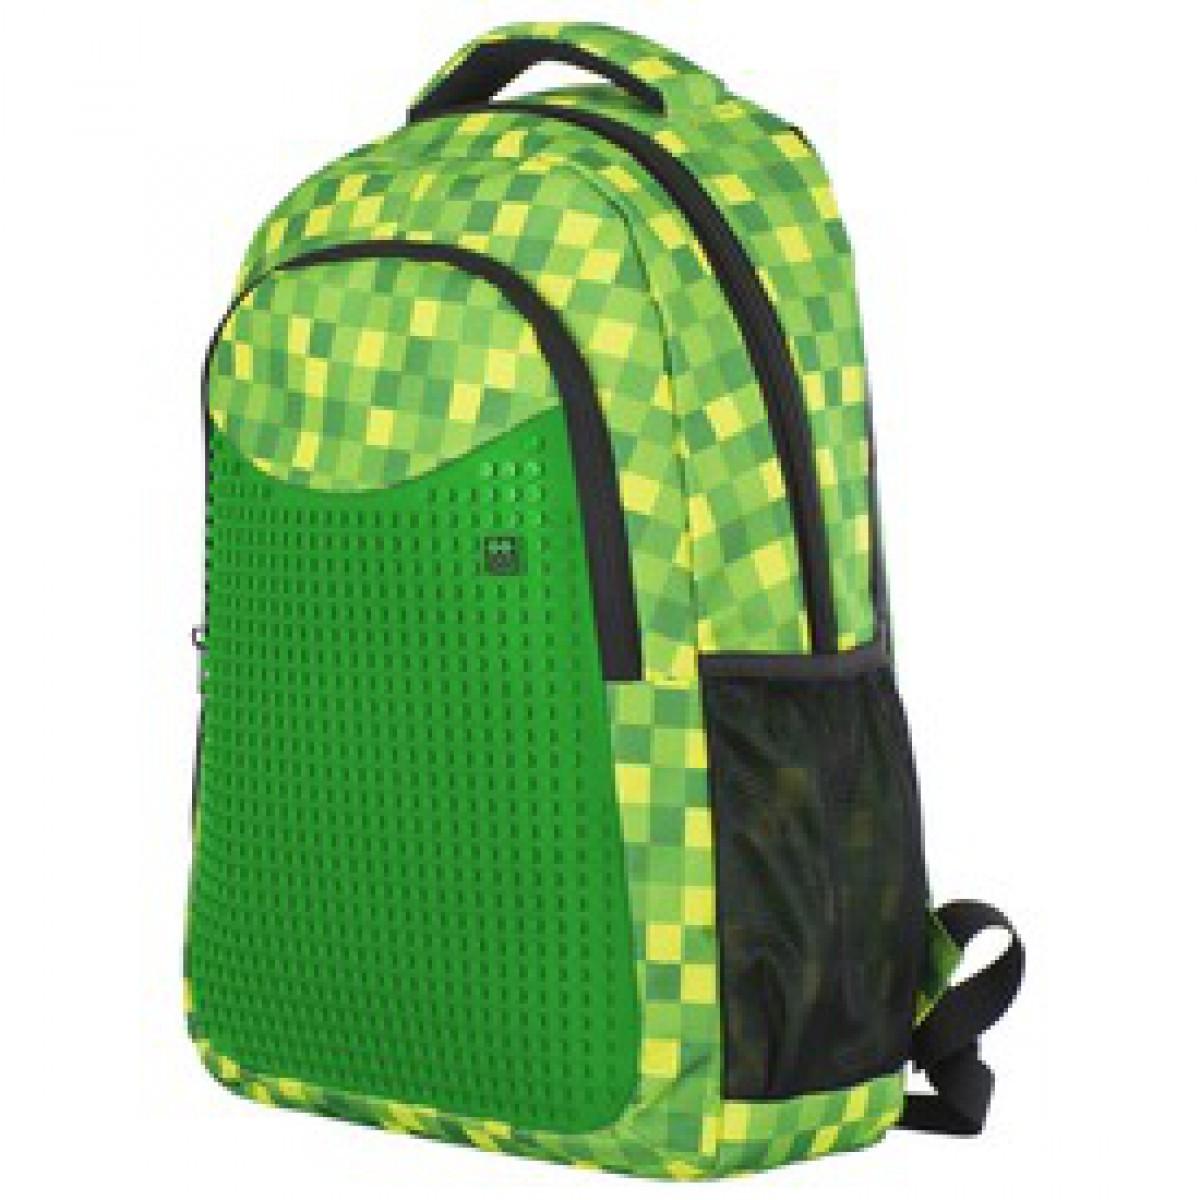 5bbd855ea1fb Pixie hátizsák, iskolatáska - zöld-fekete